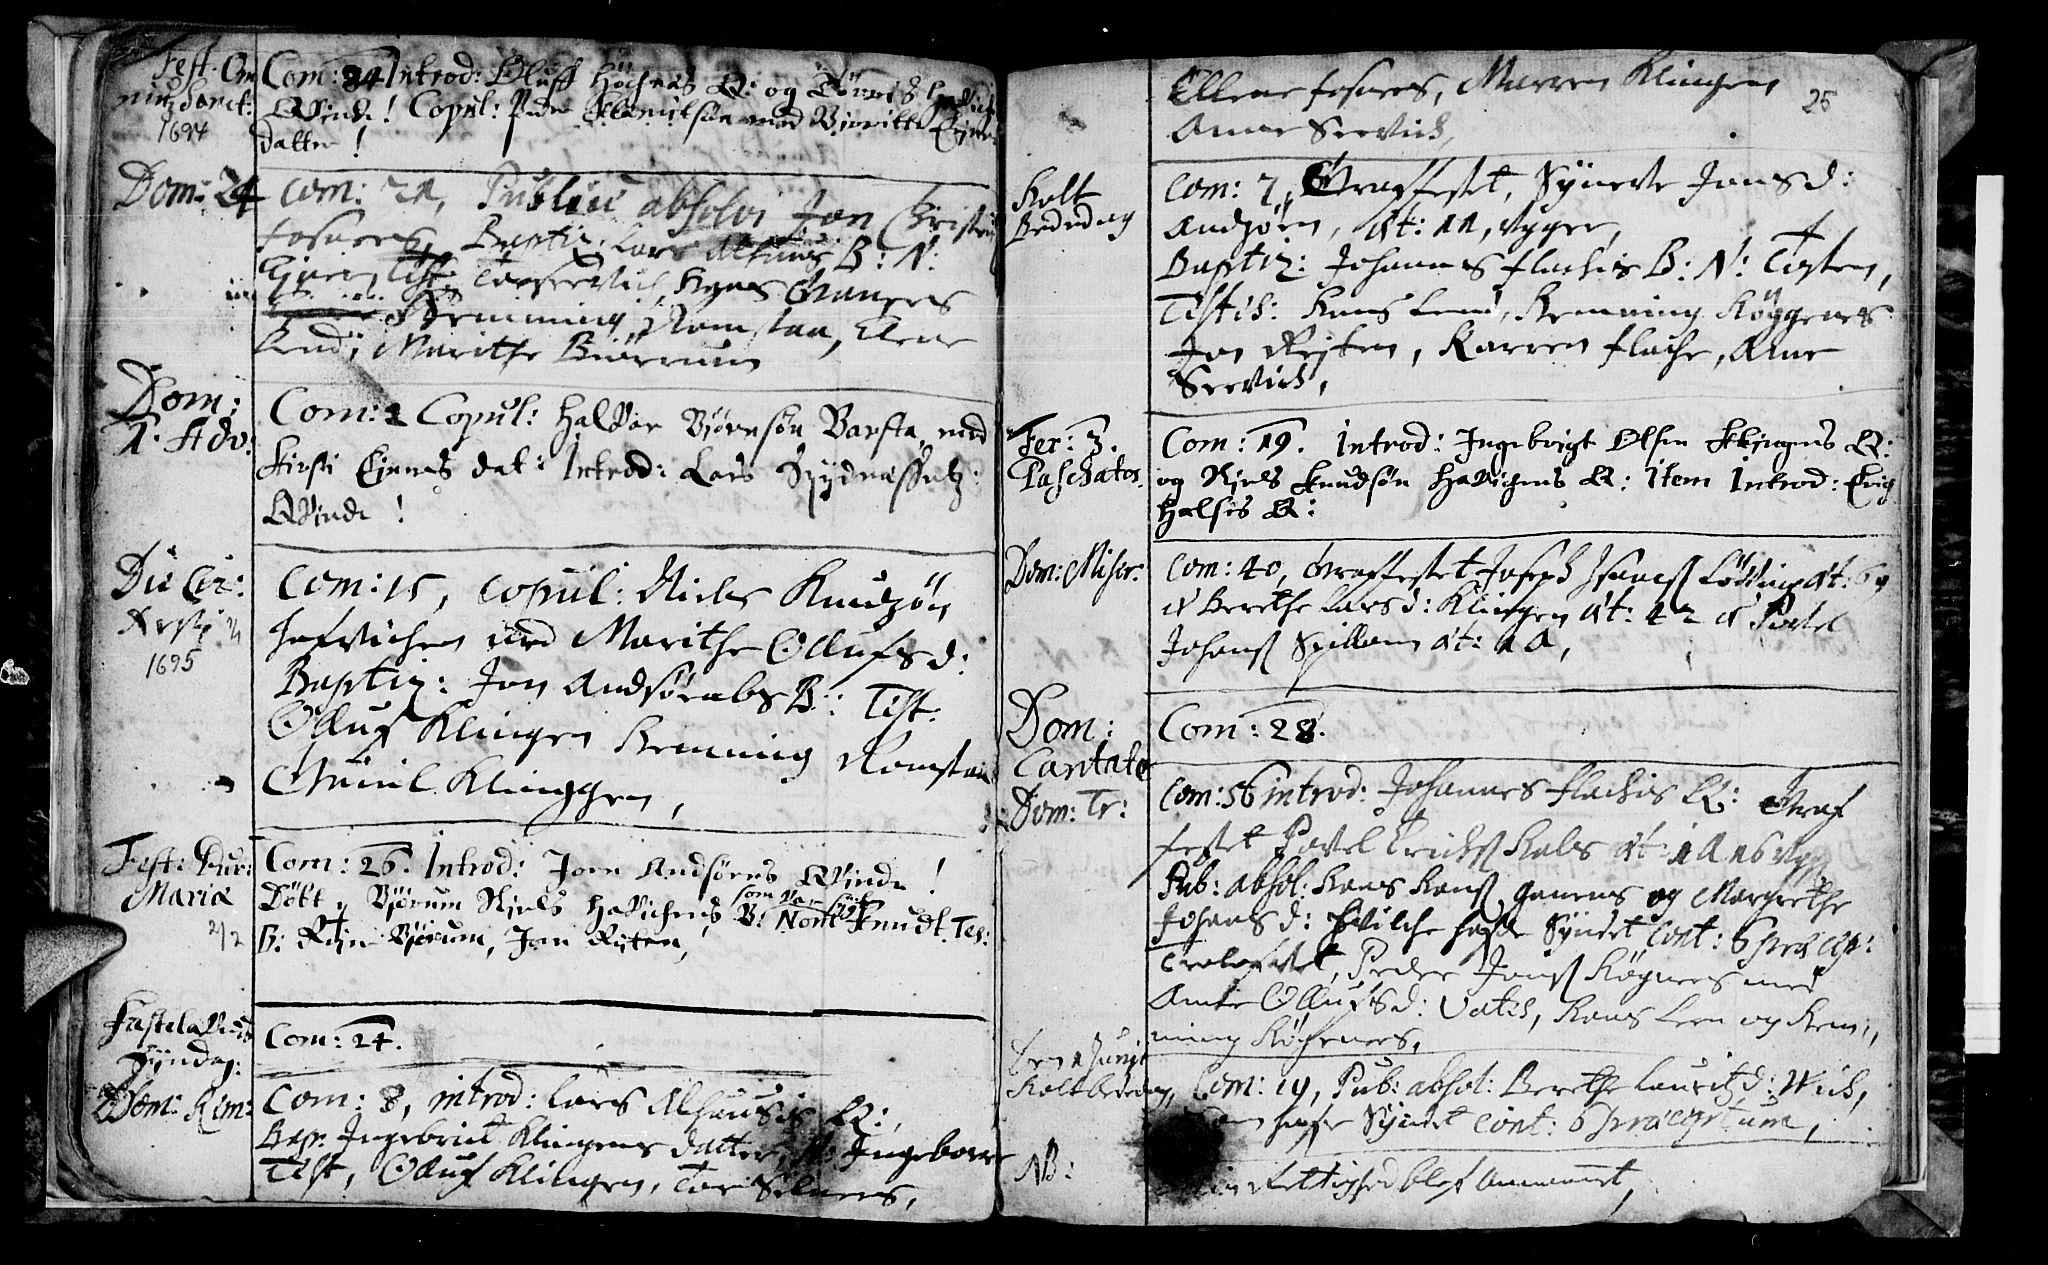 SAT, Ministerialprotokoller, klokkerbøker og fødselsregistre - Nord-Trøndelag, 770/L0587: Ministerialbok nr. 770A01, 1689-1697, s. 24-25